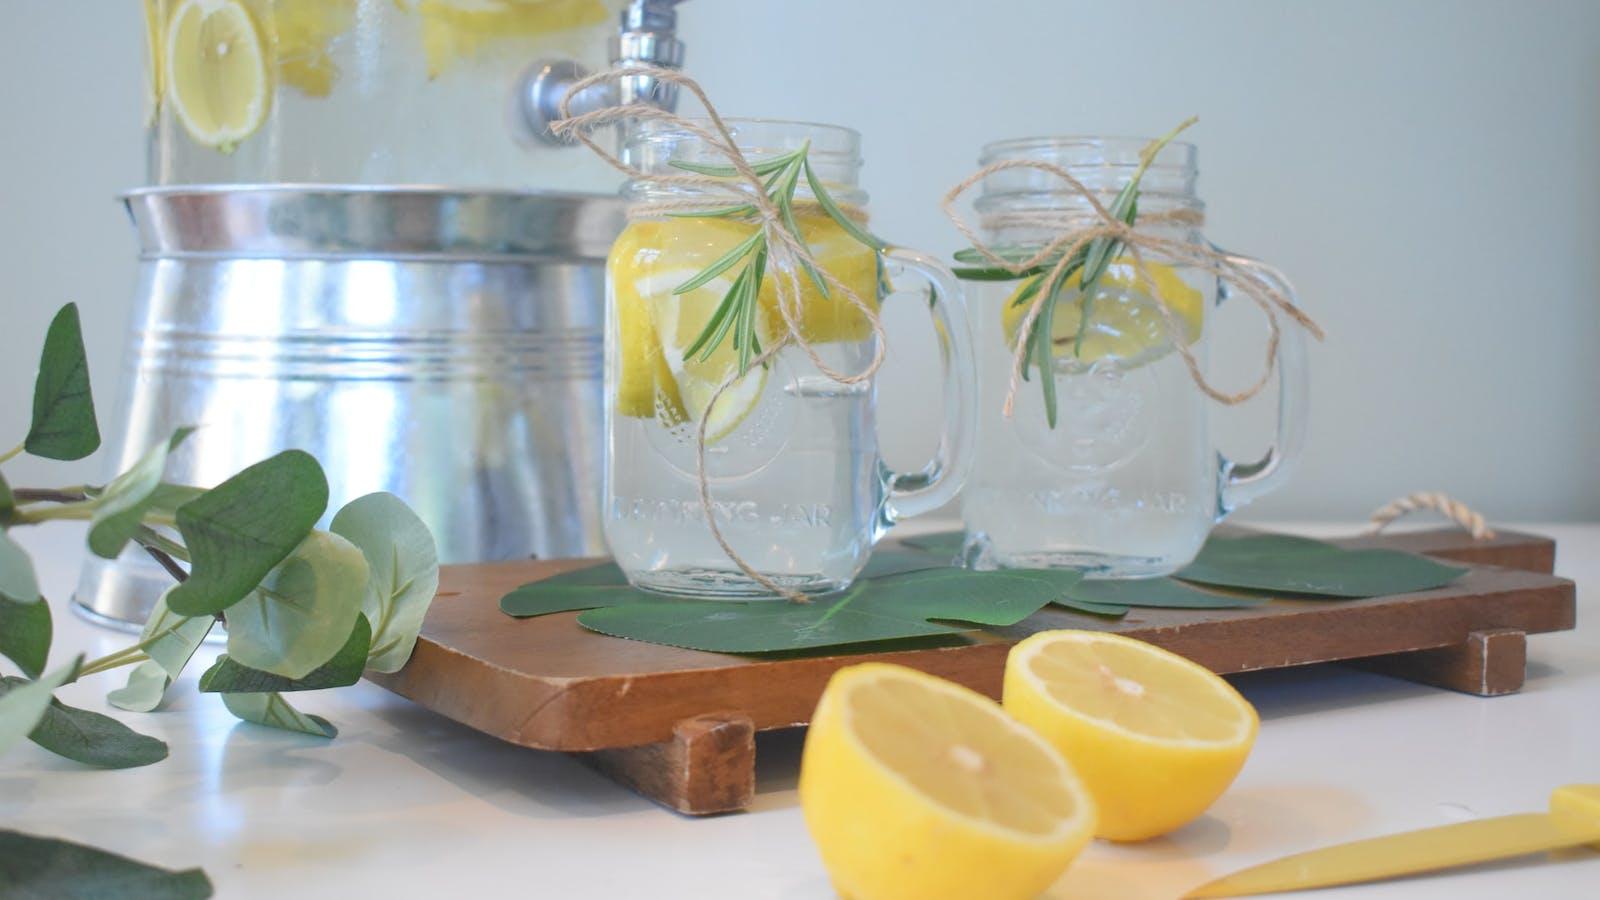 Deux verres contenant de l'eau avec citrons coupés en deux